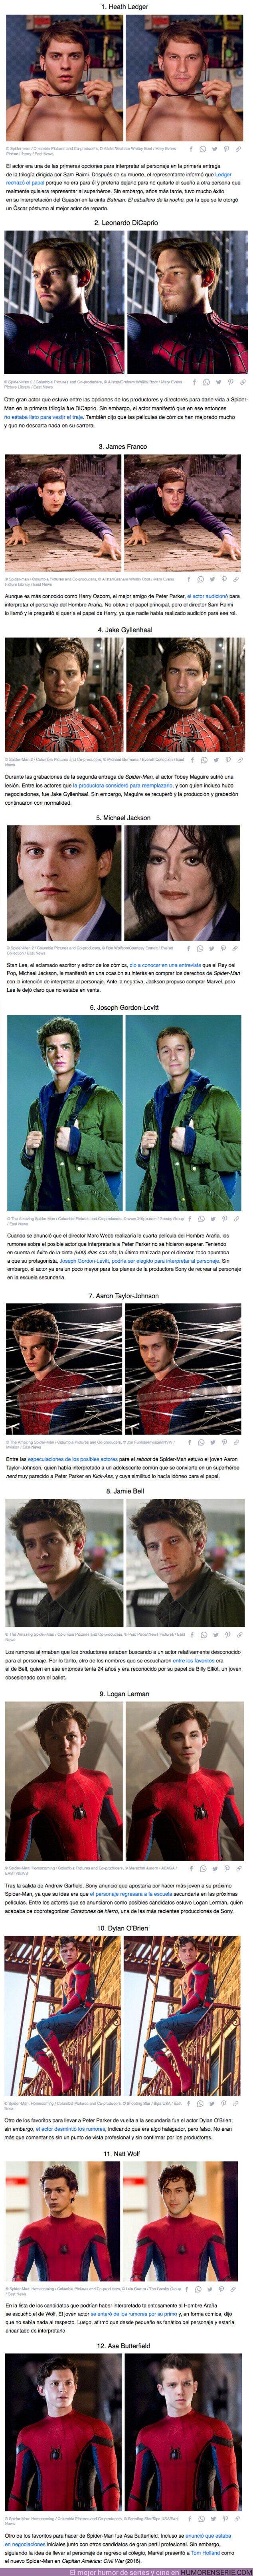 65232 - GALERÍA: Cómo se hubieran visto 12 actores interpretando a Spider-Man en la pantalla grande